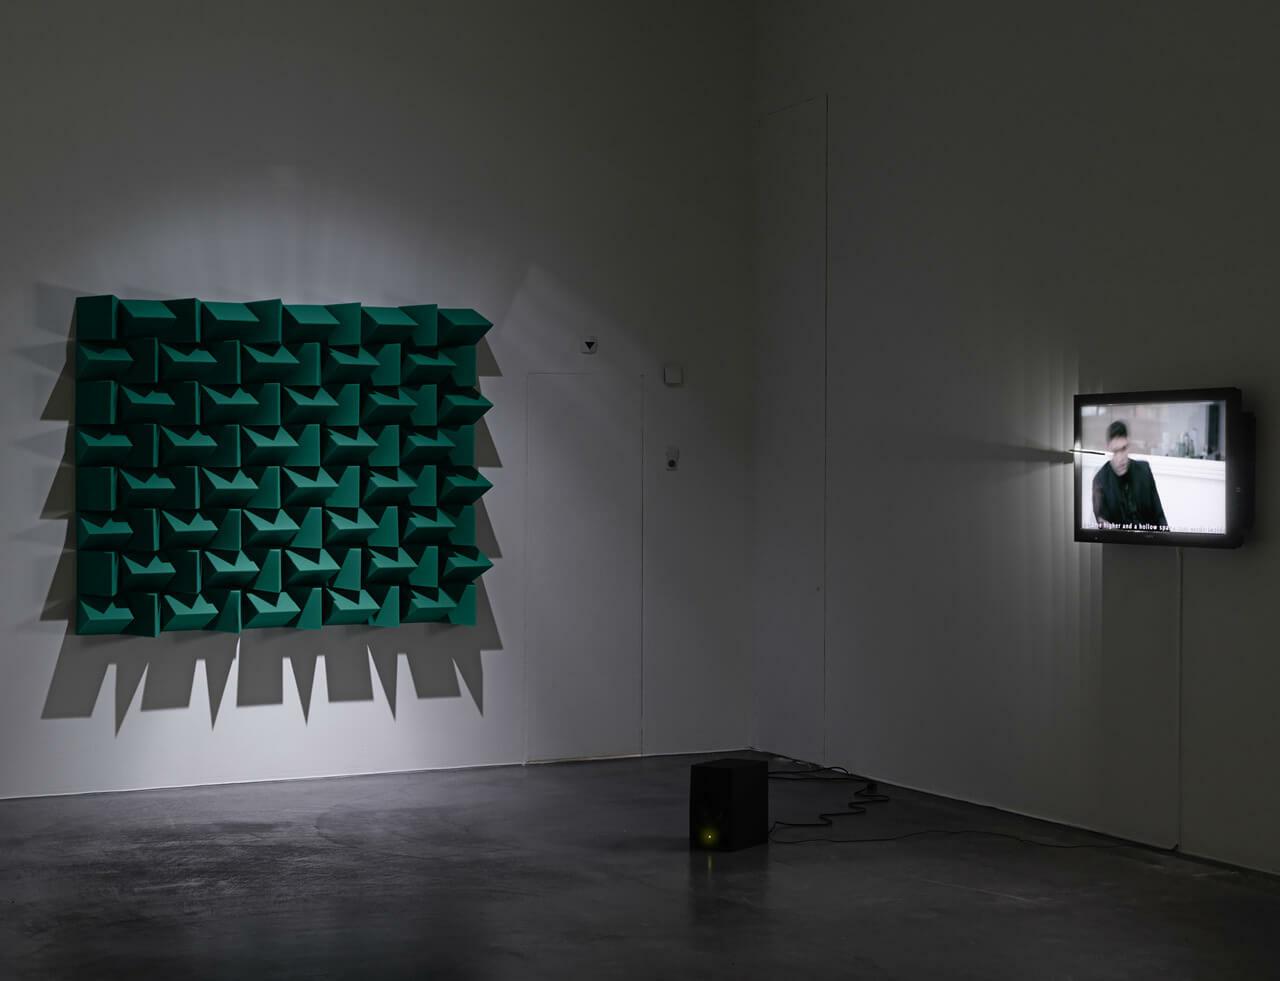 Haroon Mirza wins 2014 Zurich Art Prize